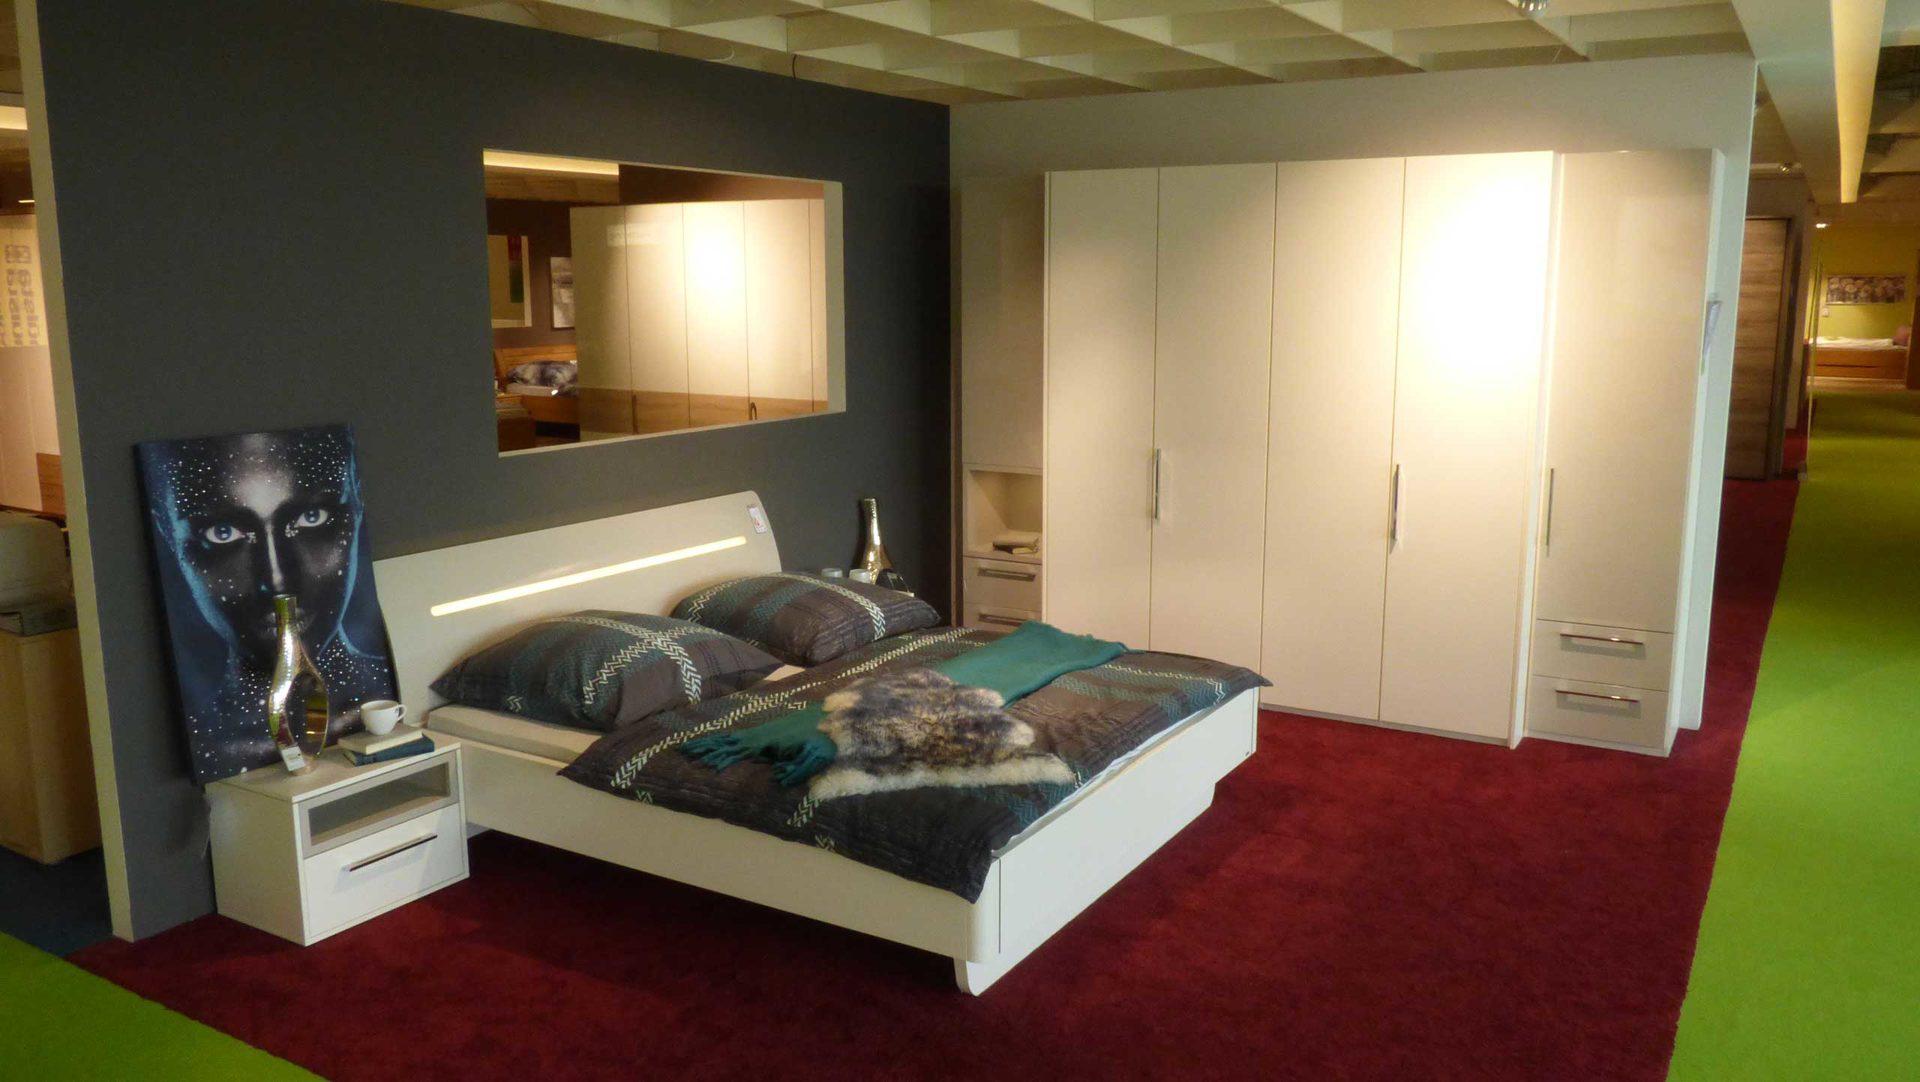 Partnerring Collection Schlafzimmer Bett 180 x 200 cm mit 2 Nachtkommoden +  Kleiderschrank, Lack Alpina Weiss, Abs. Lack Kristal